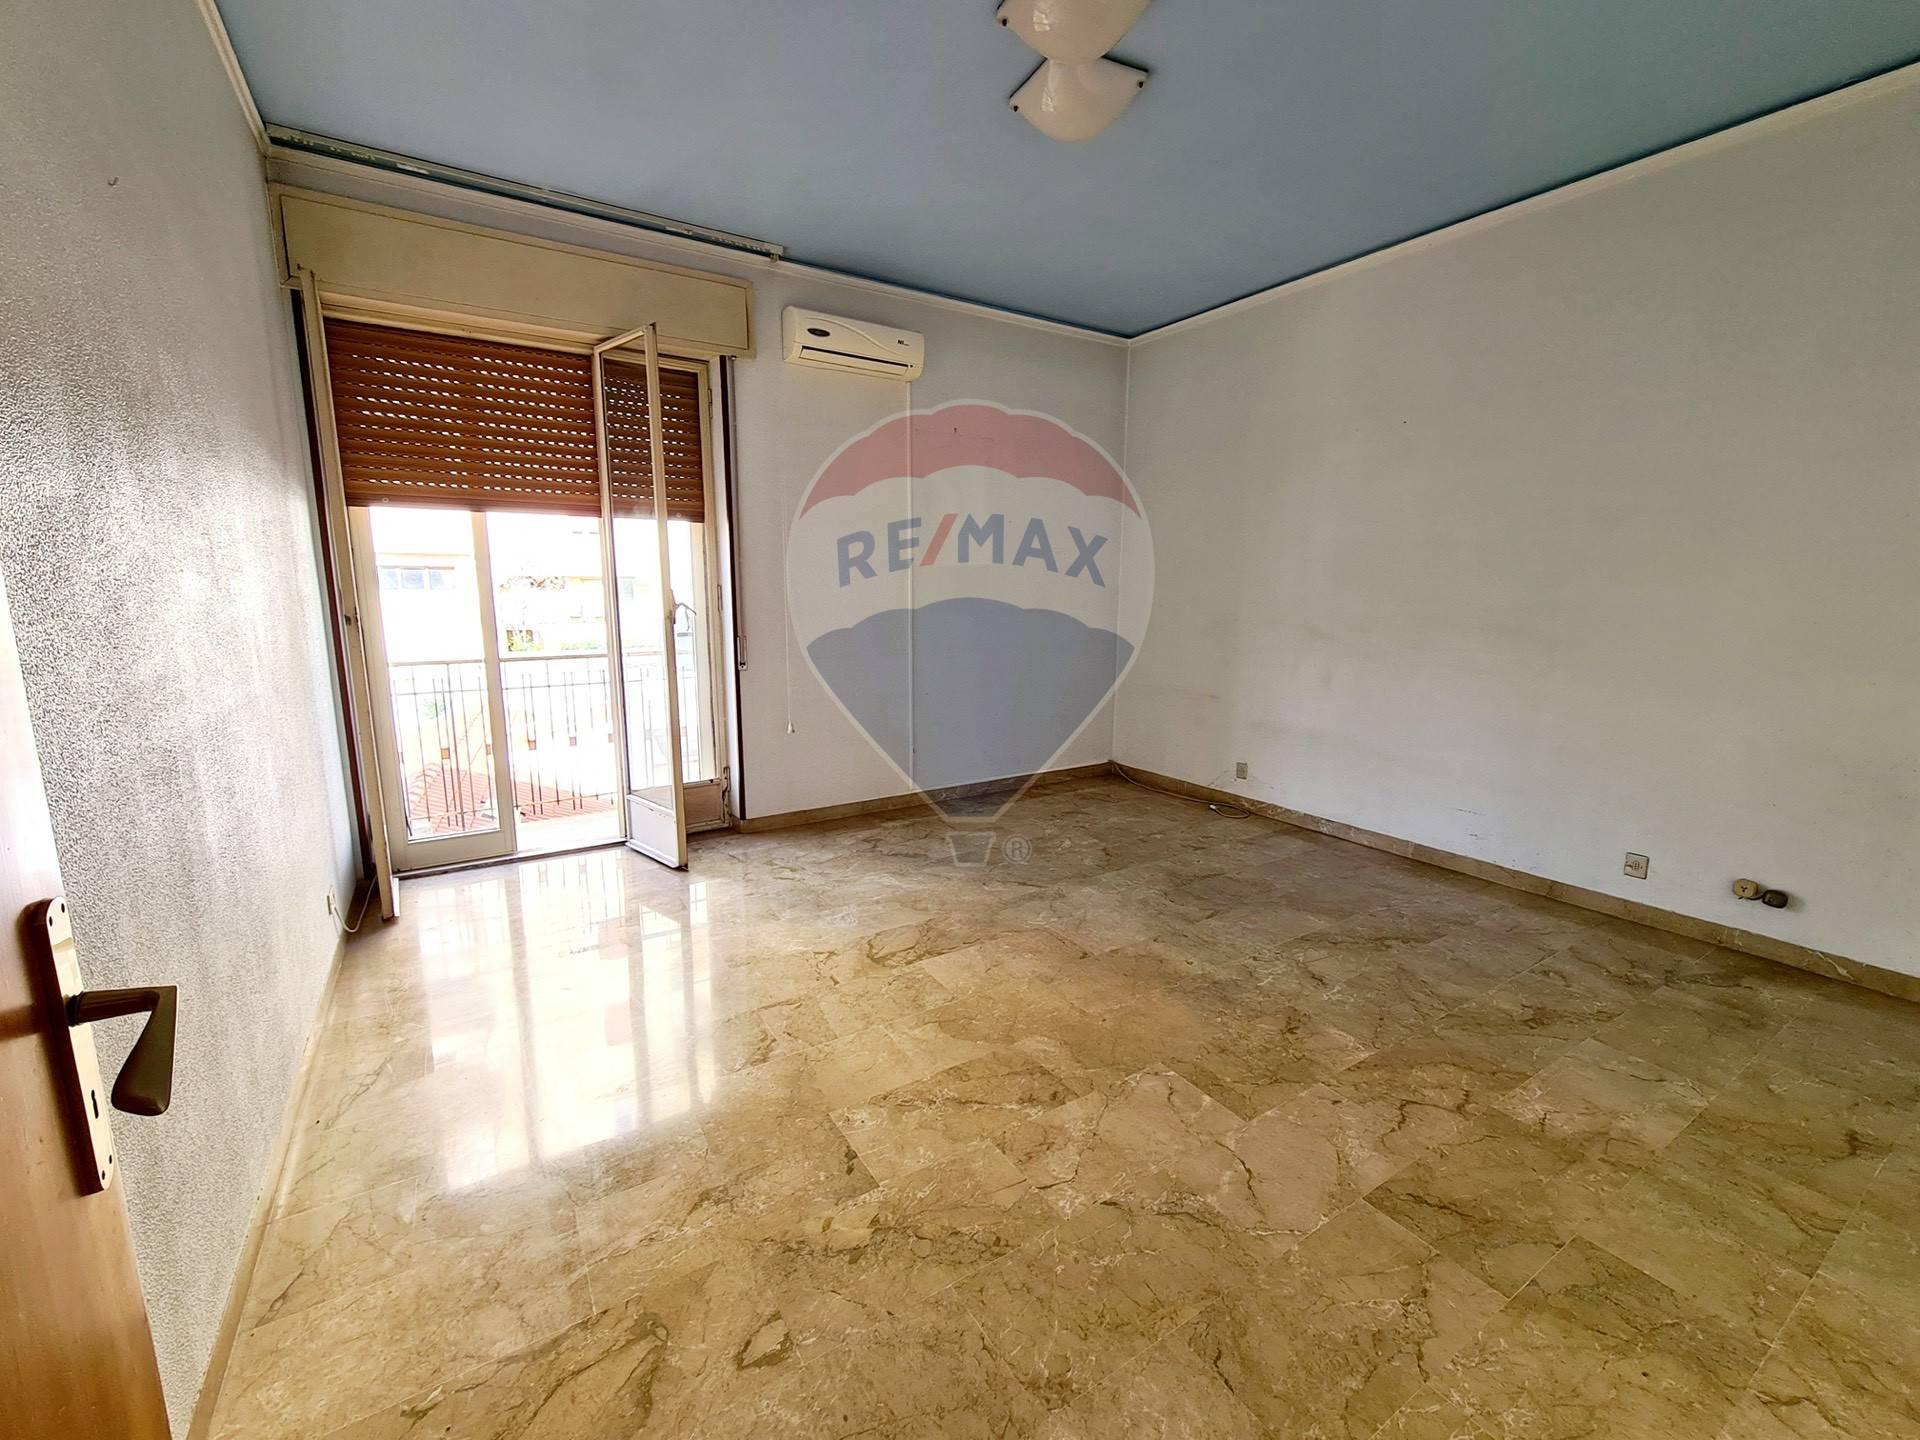 Appartamento in vendita a Modica, 6 locali, zona Località: ModicaBassa, prezzo € 65.000   CambioCasa.it